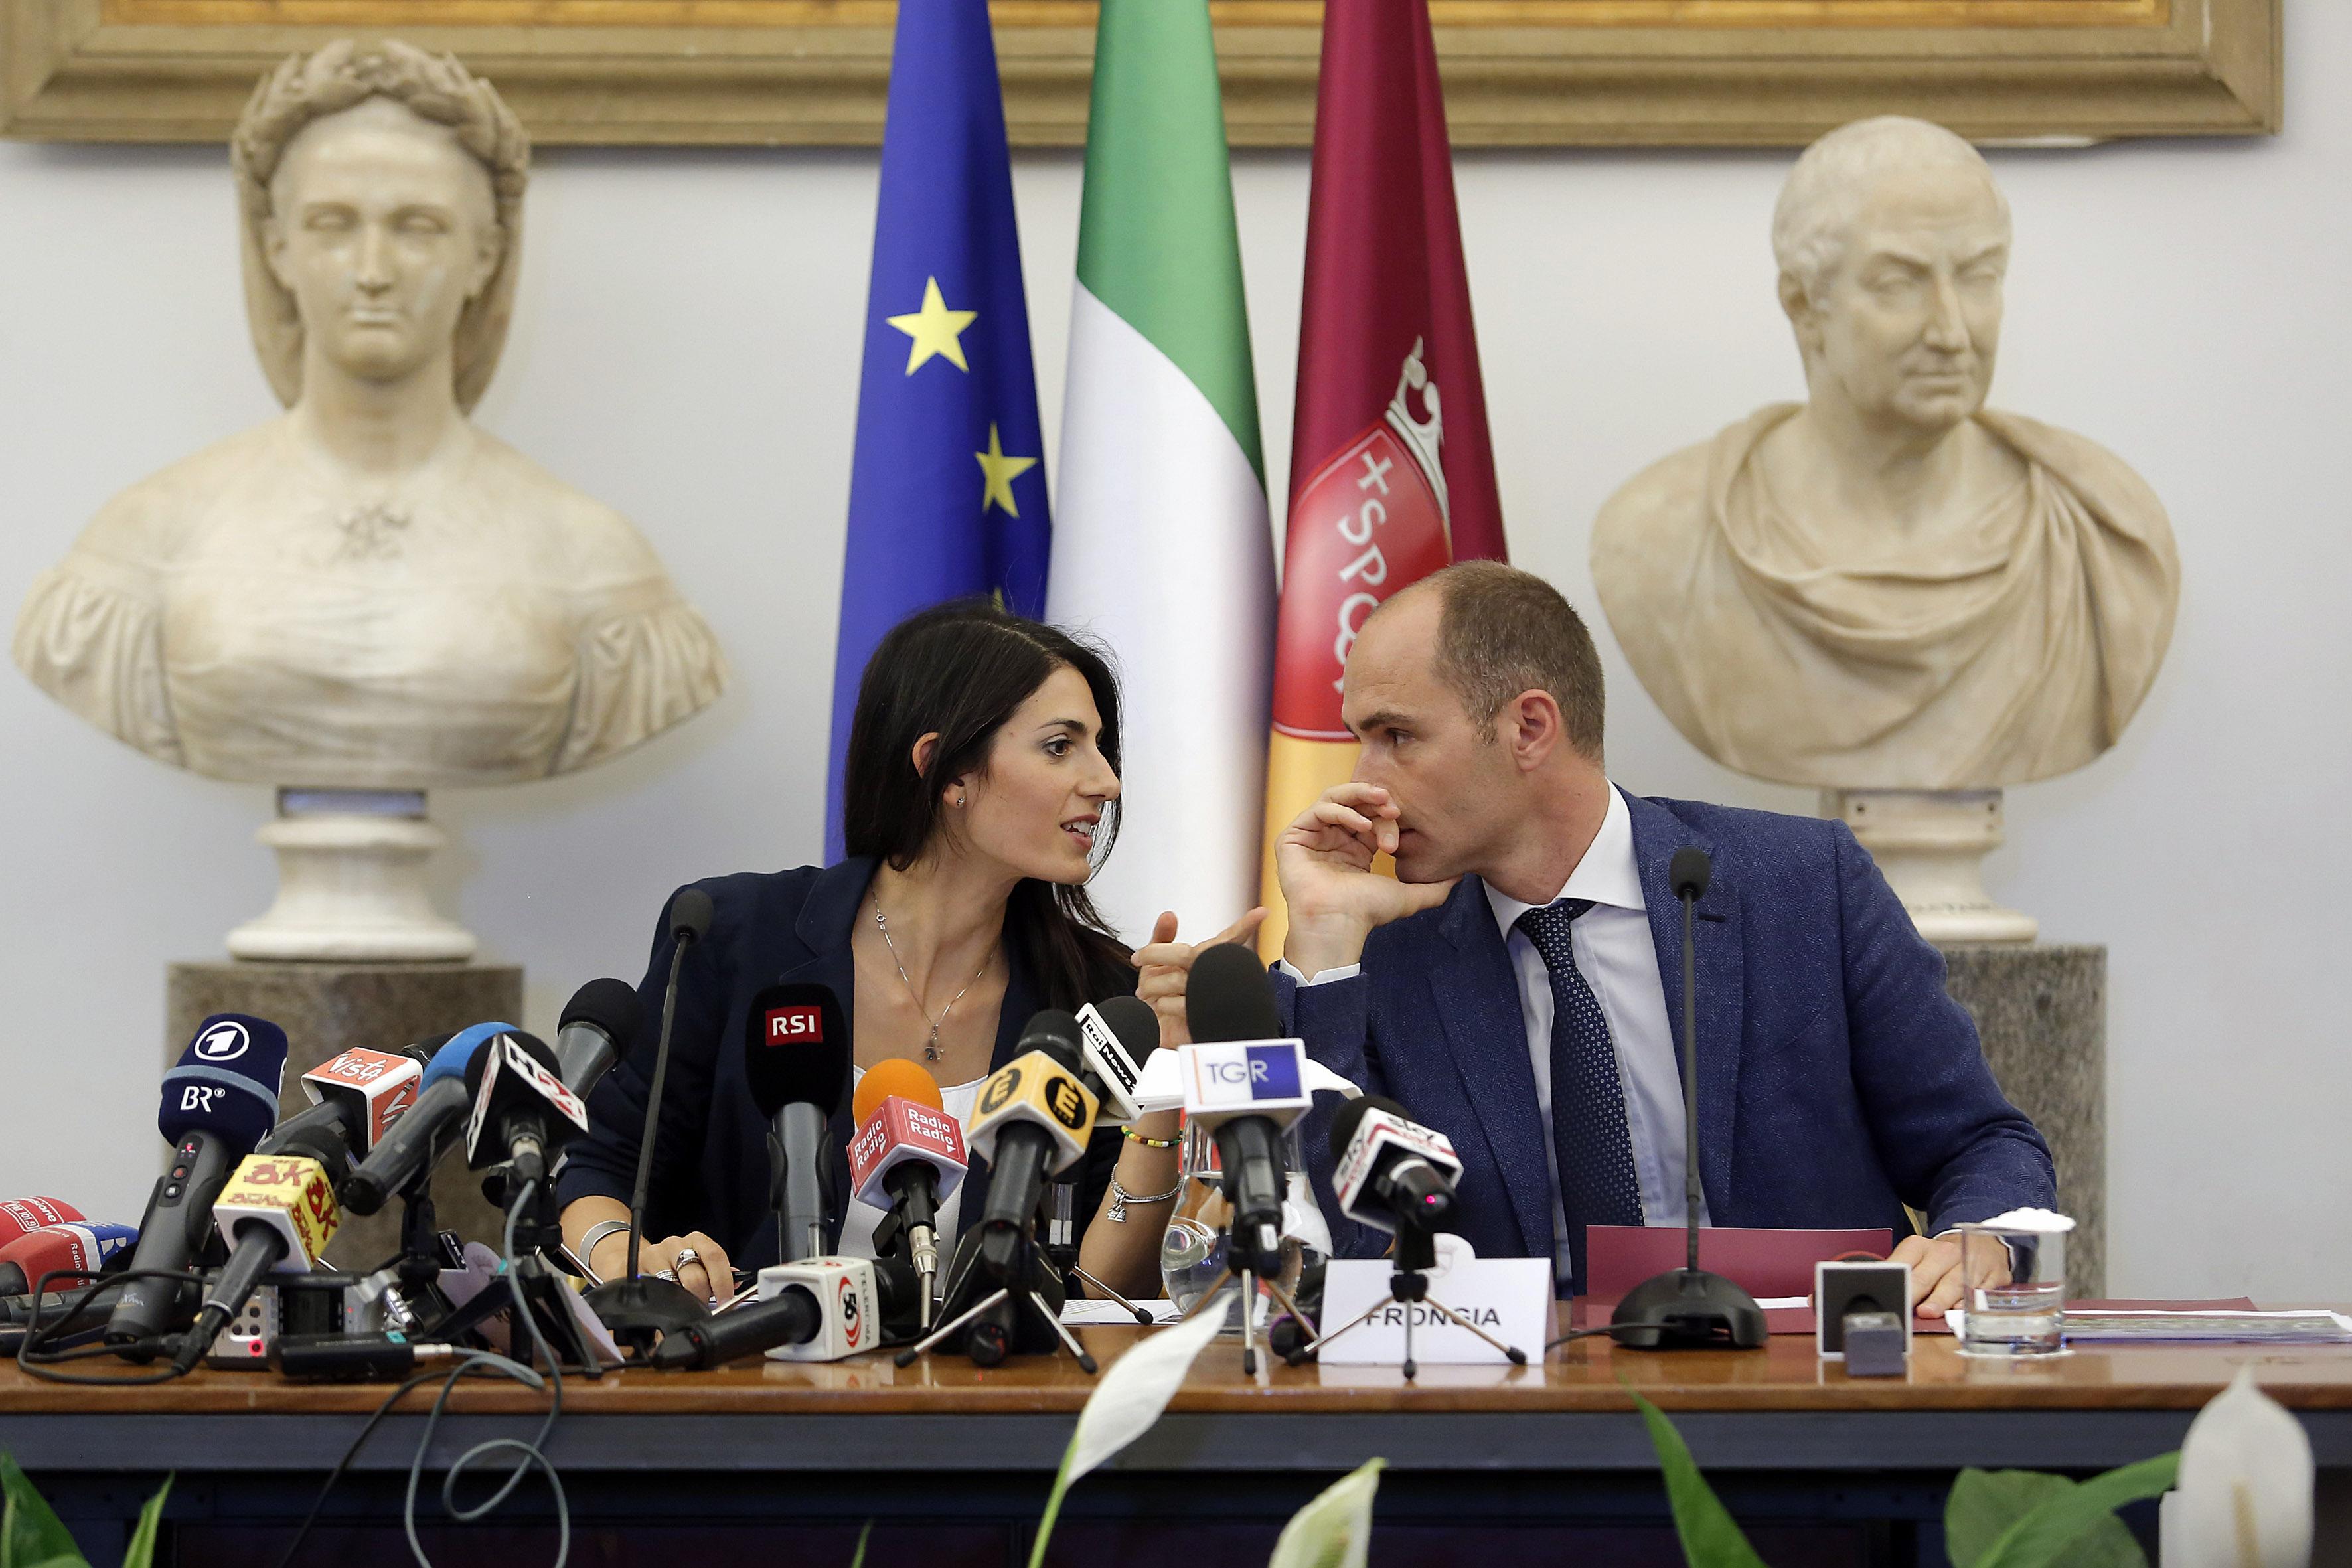 Jeux Olympiques - JO 2024 - Rome déchire son projet olympique